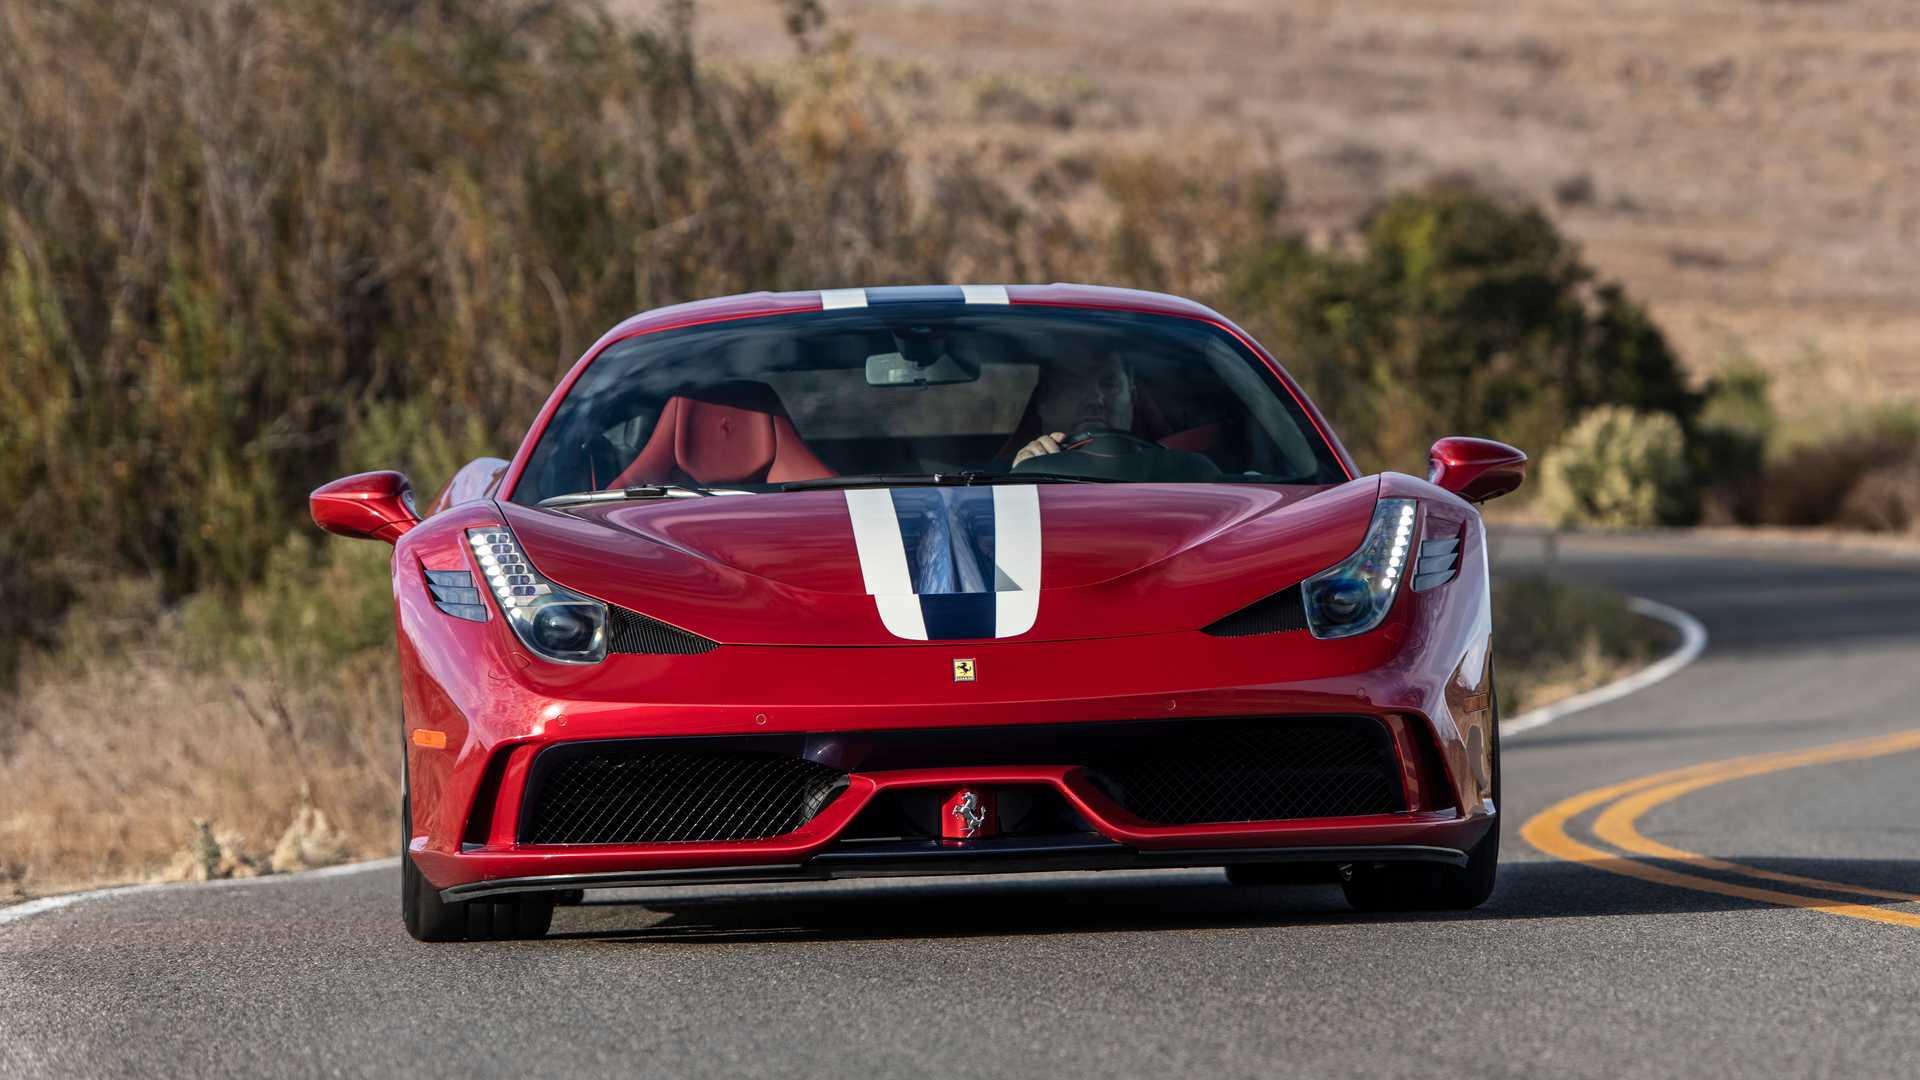 Ferrari-458-Speciale-AddArmor-3